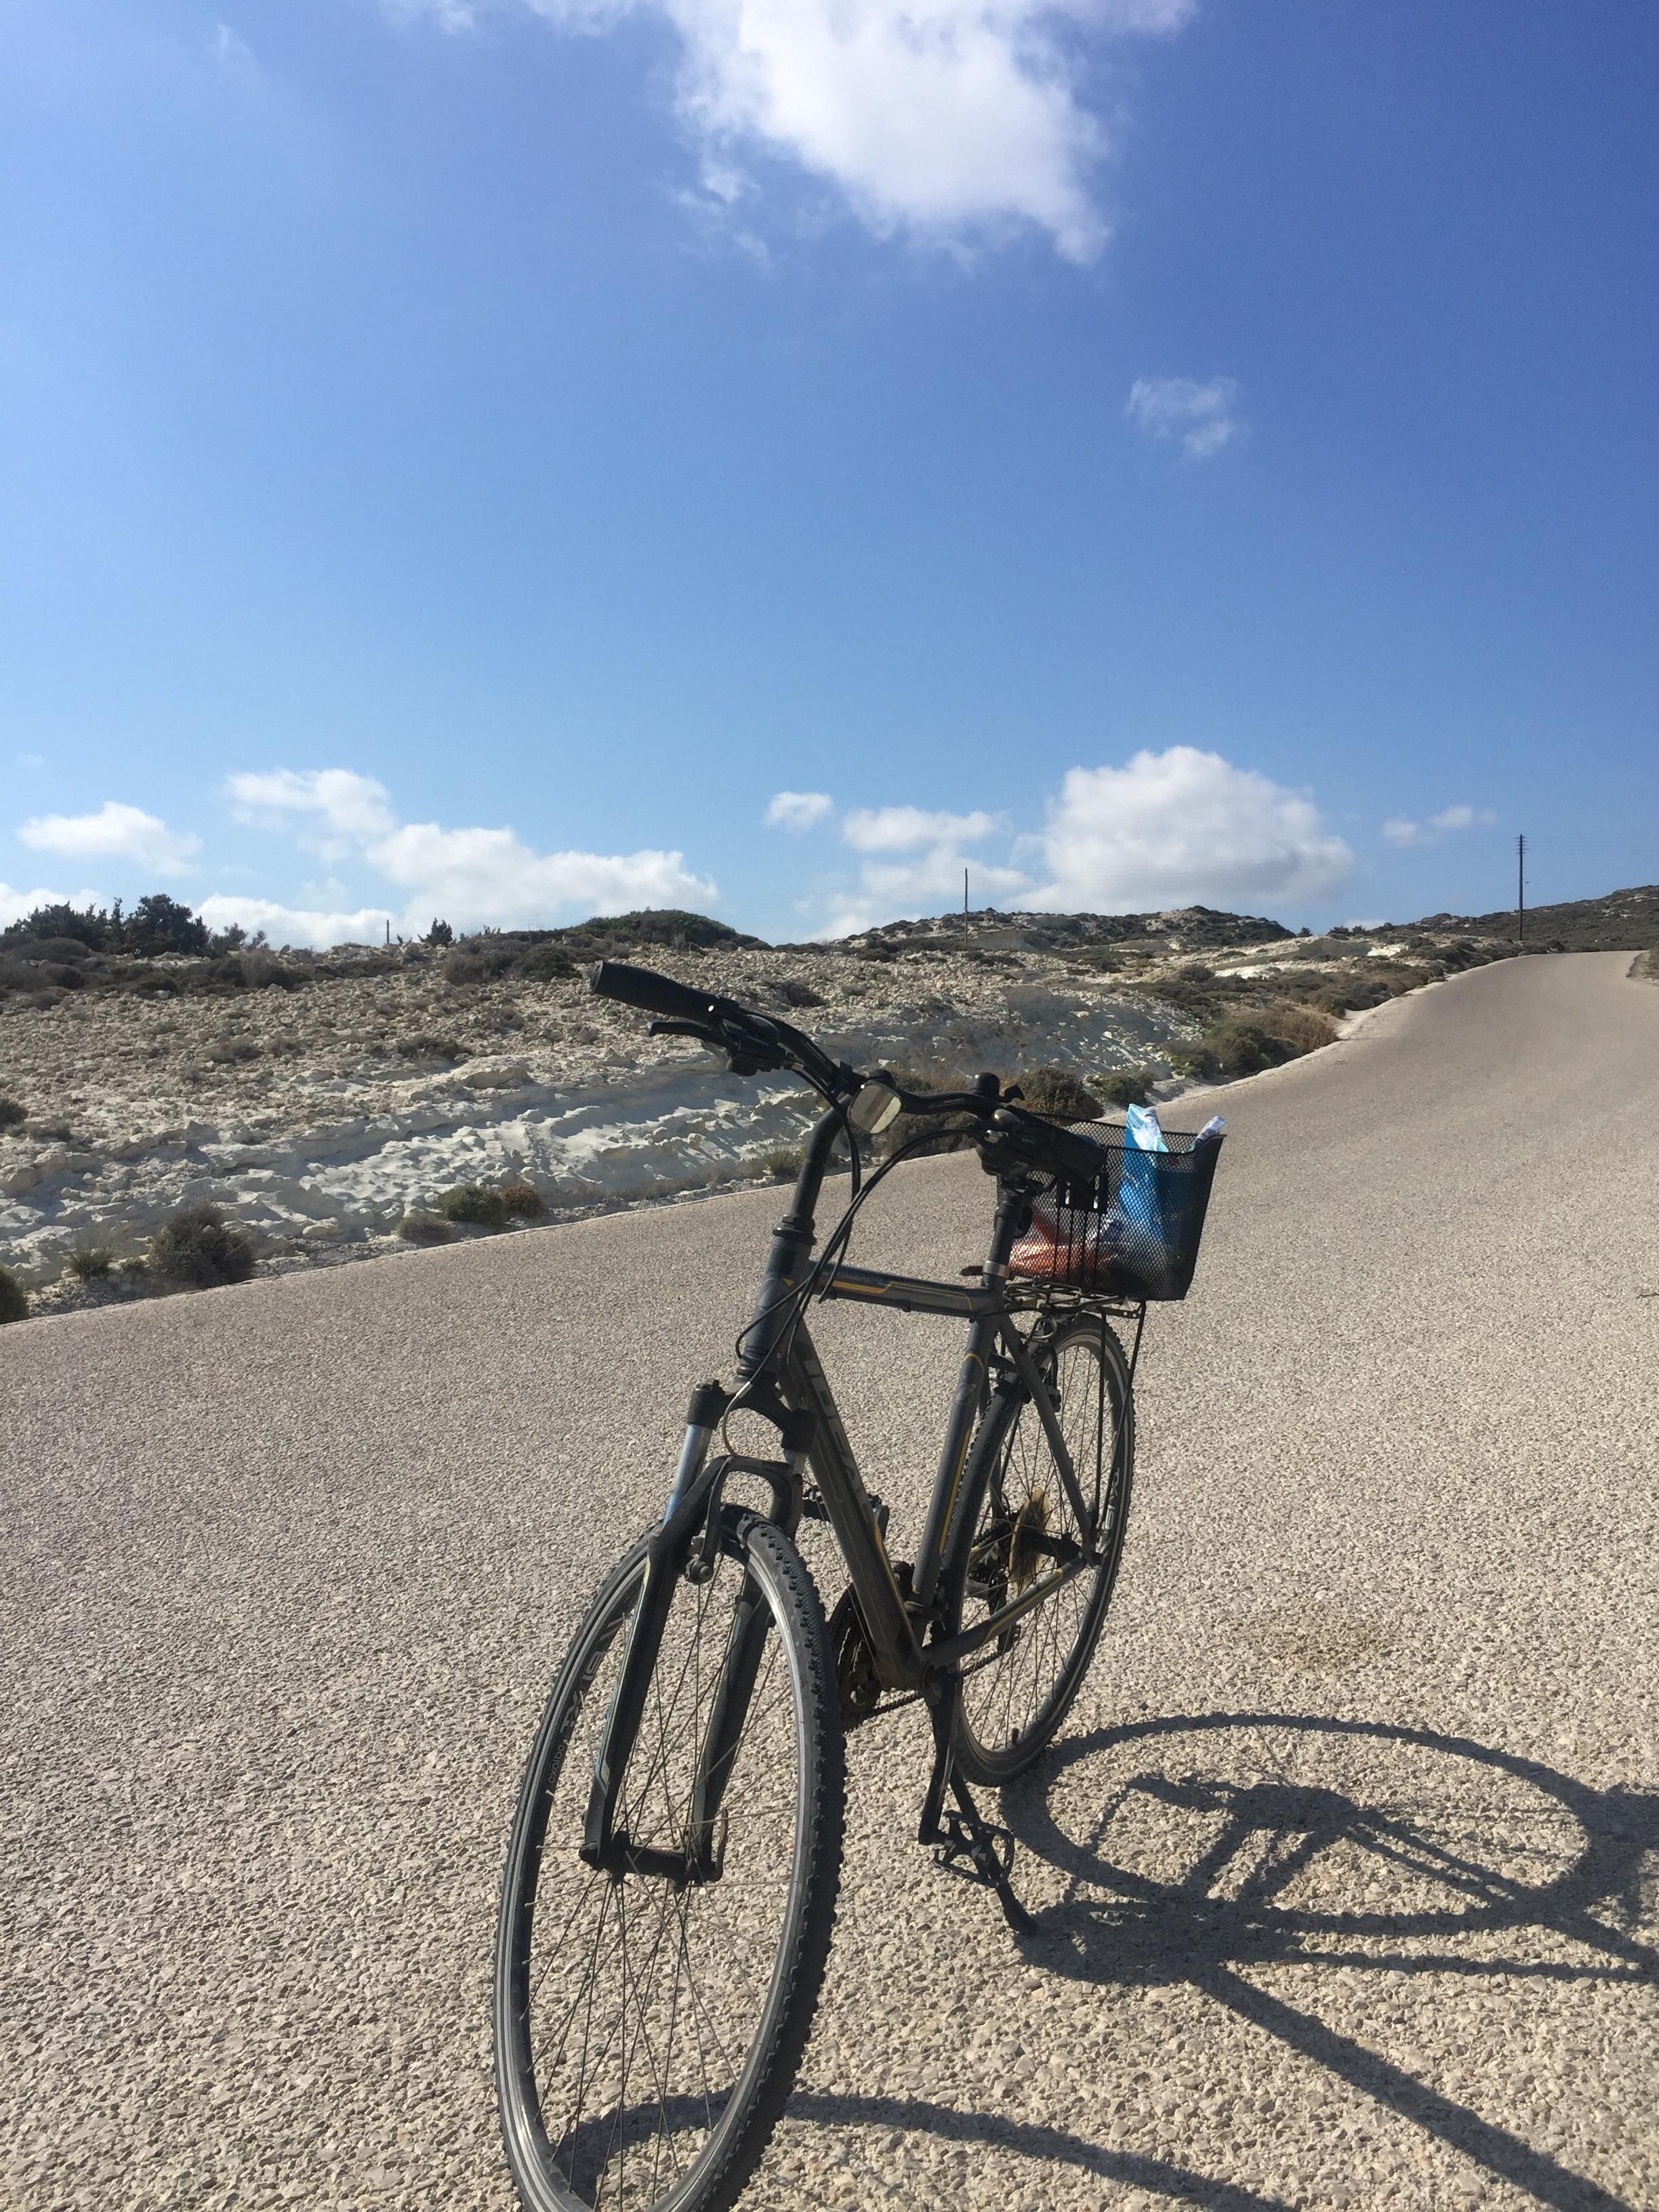 Riding down to Sarakiniko